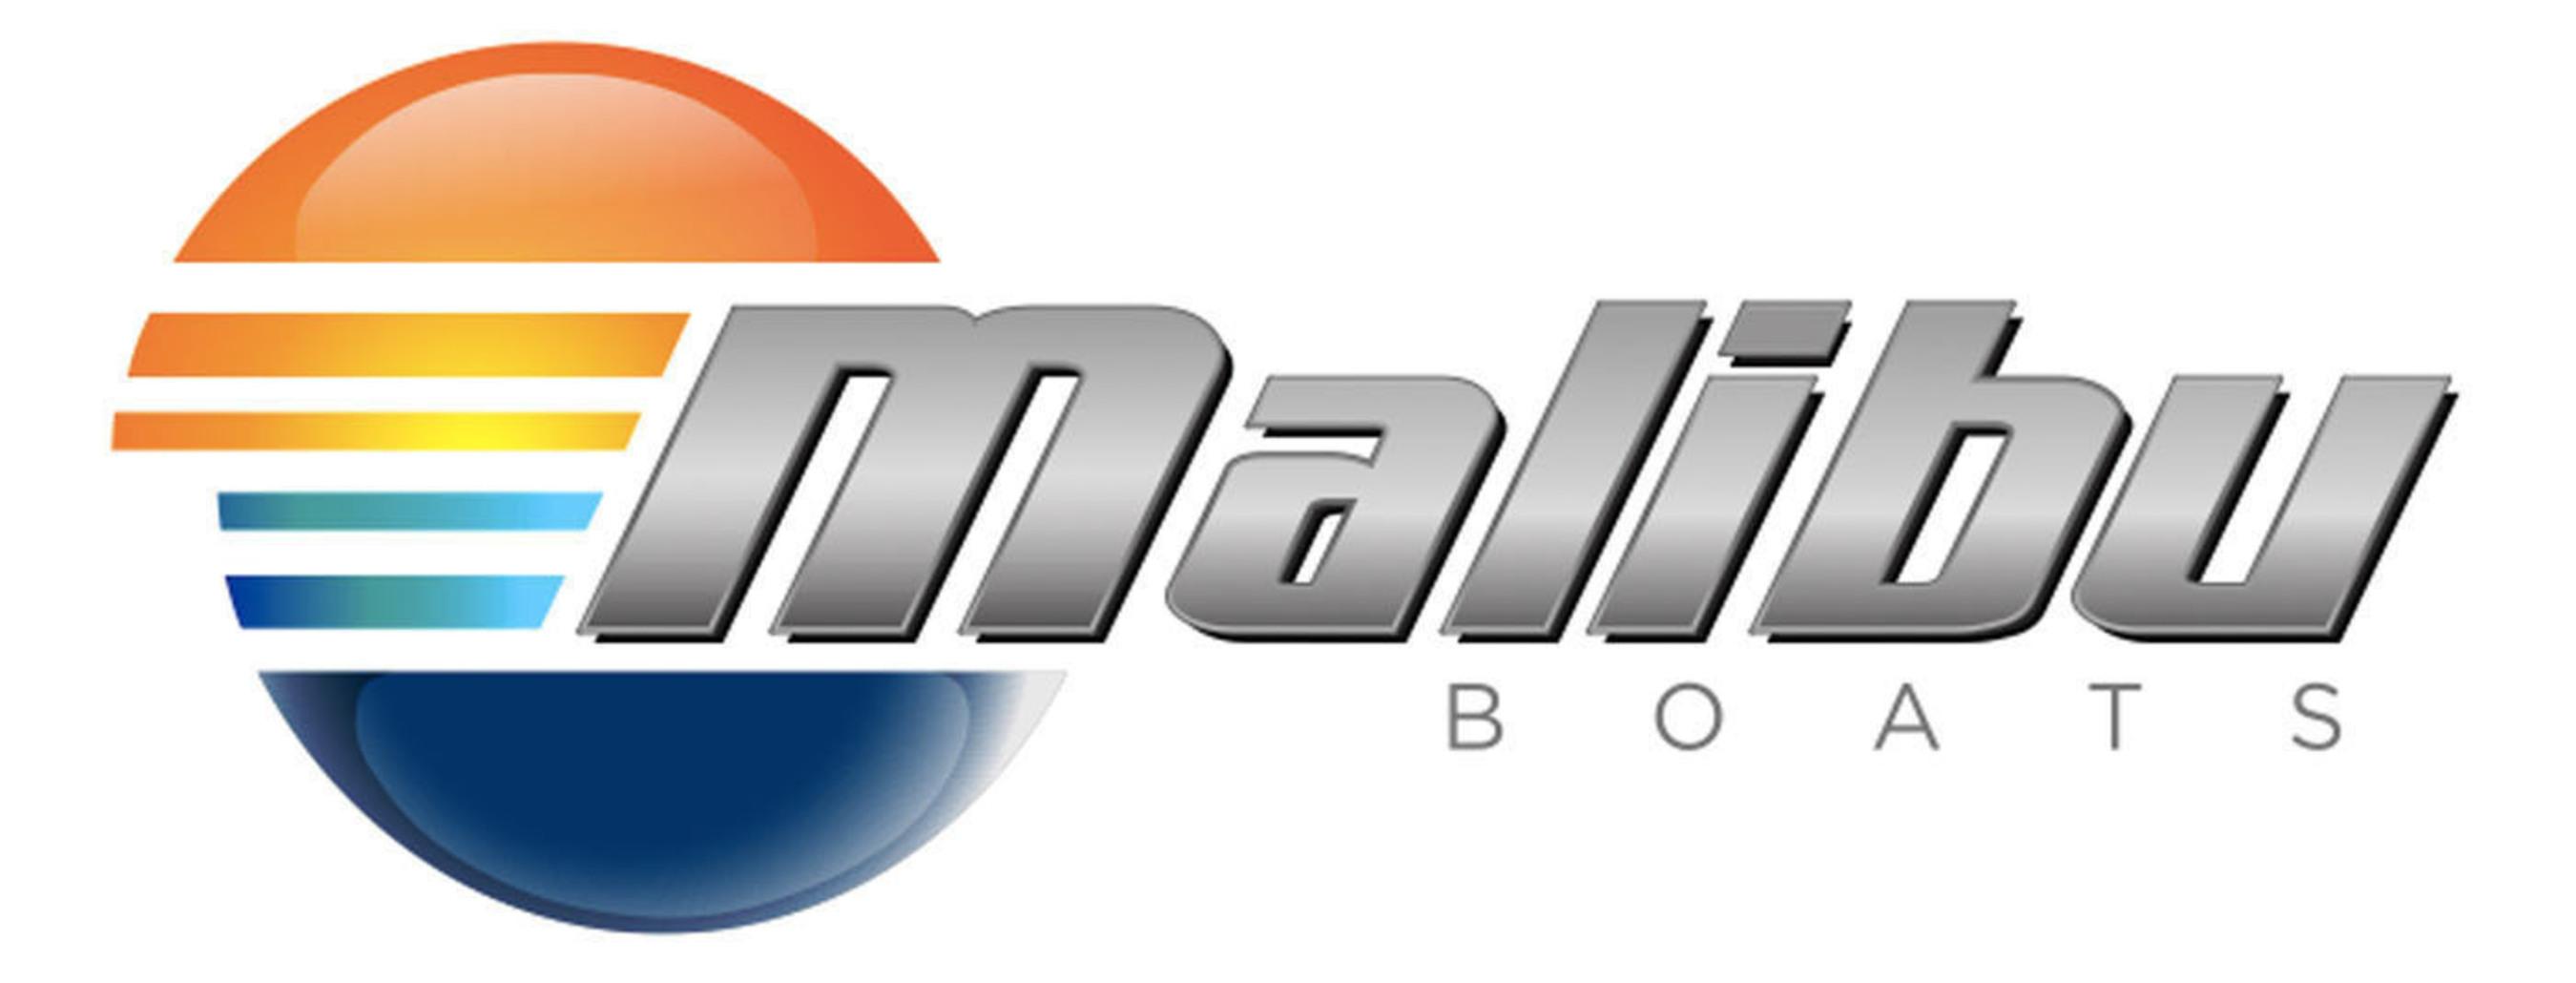 Malibu Boats, LLC. (PRNewsFoto/Malibu Boats, LLC)